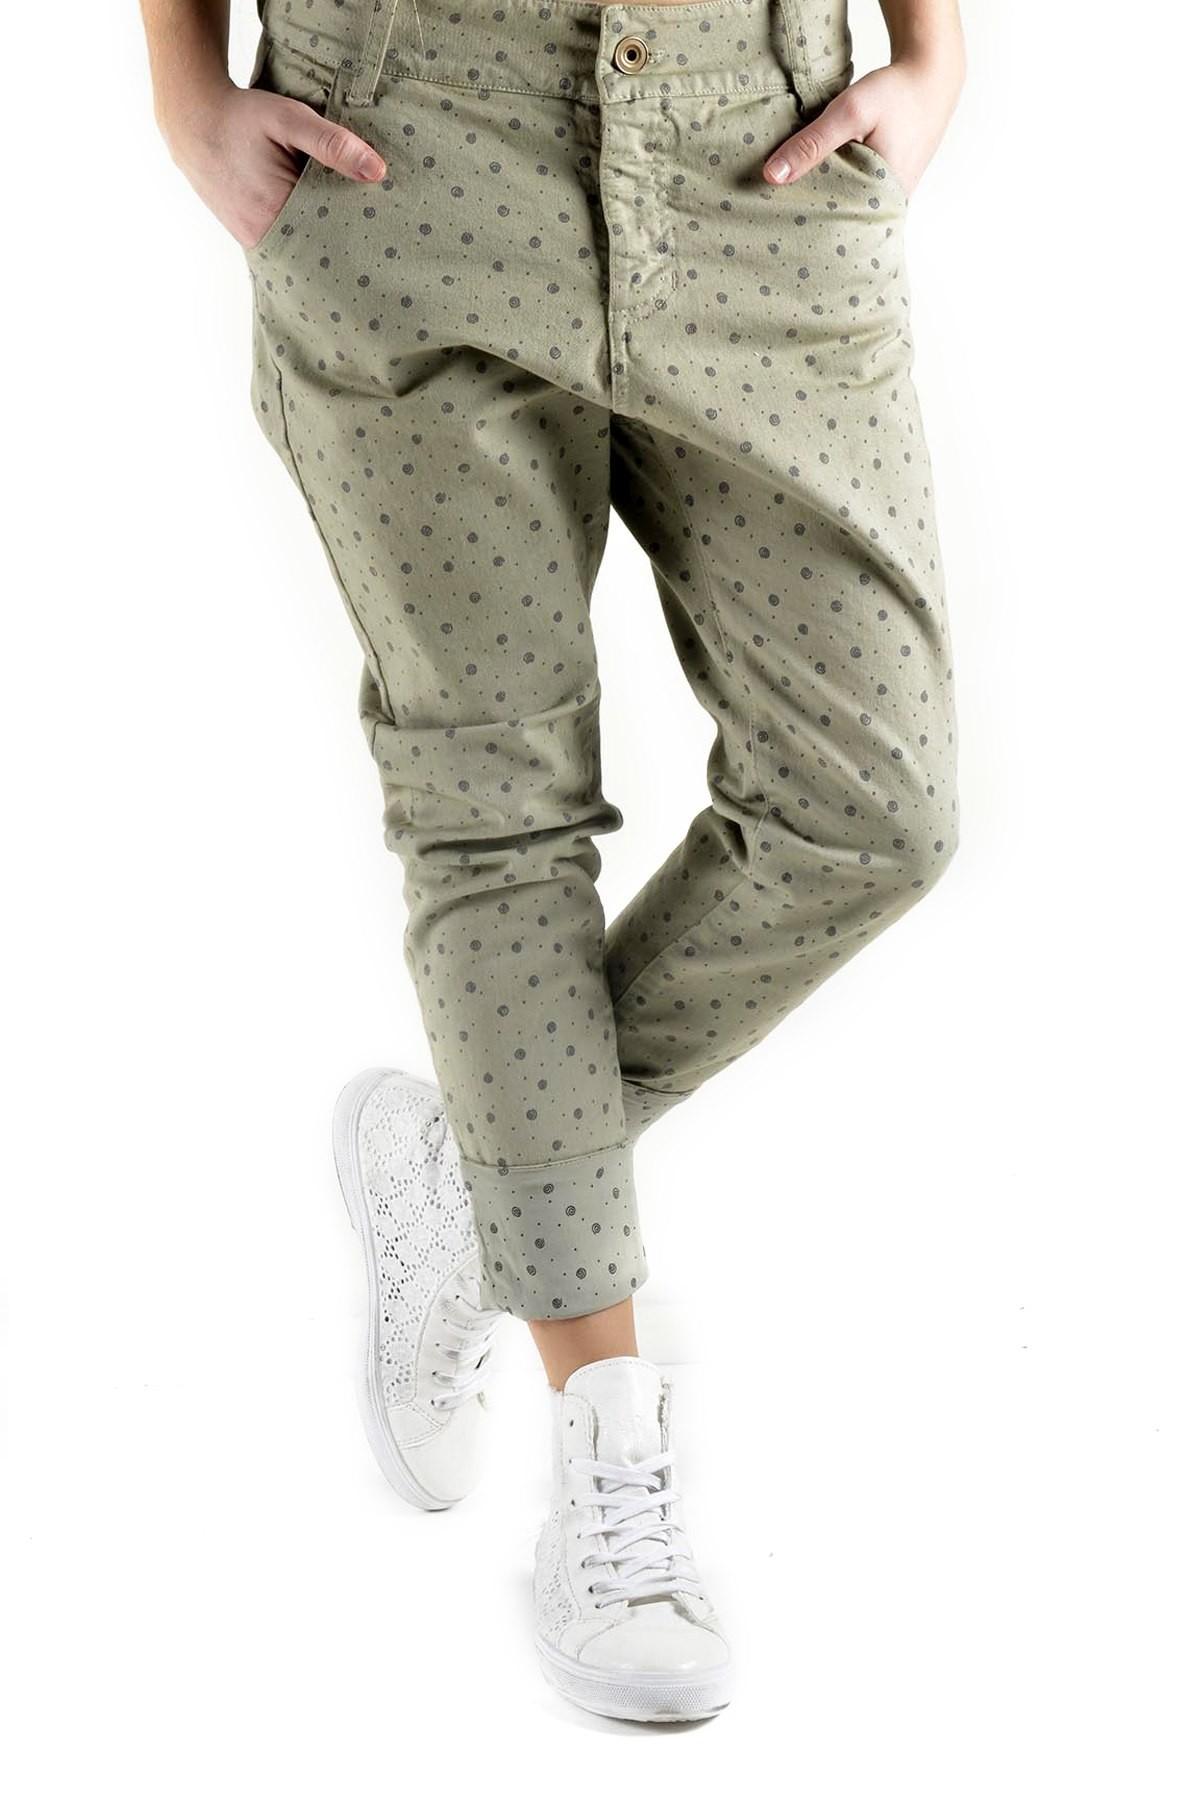 Marchio 525 Genere Donna Tipologia Pantaloni Stagione Primavera/Estate  DET…